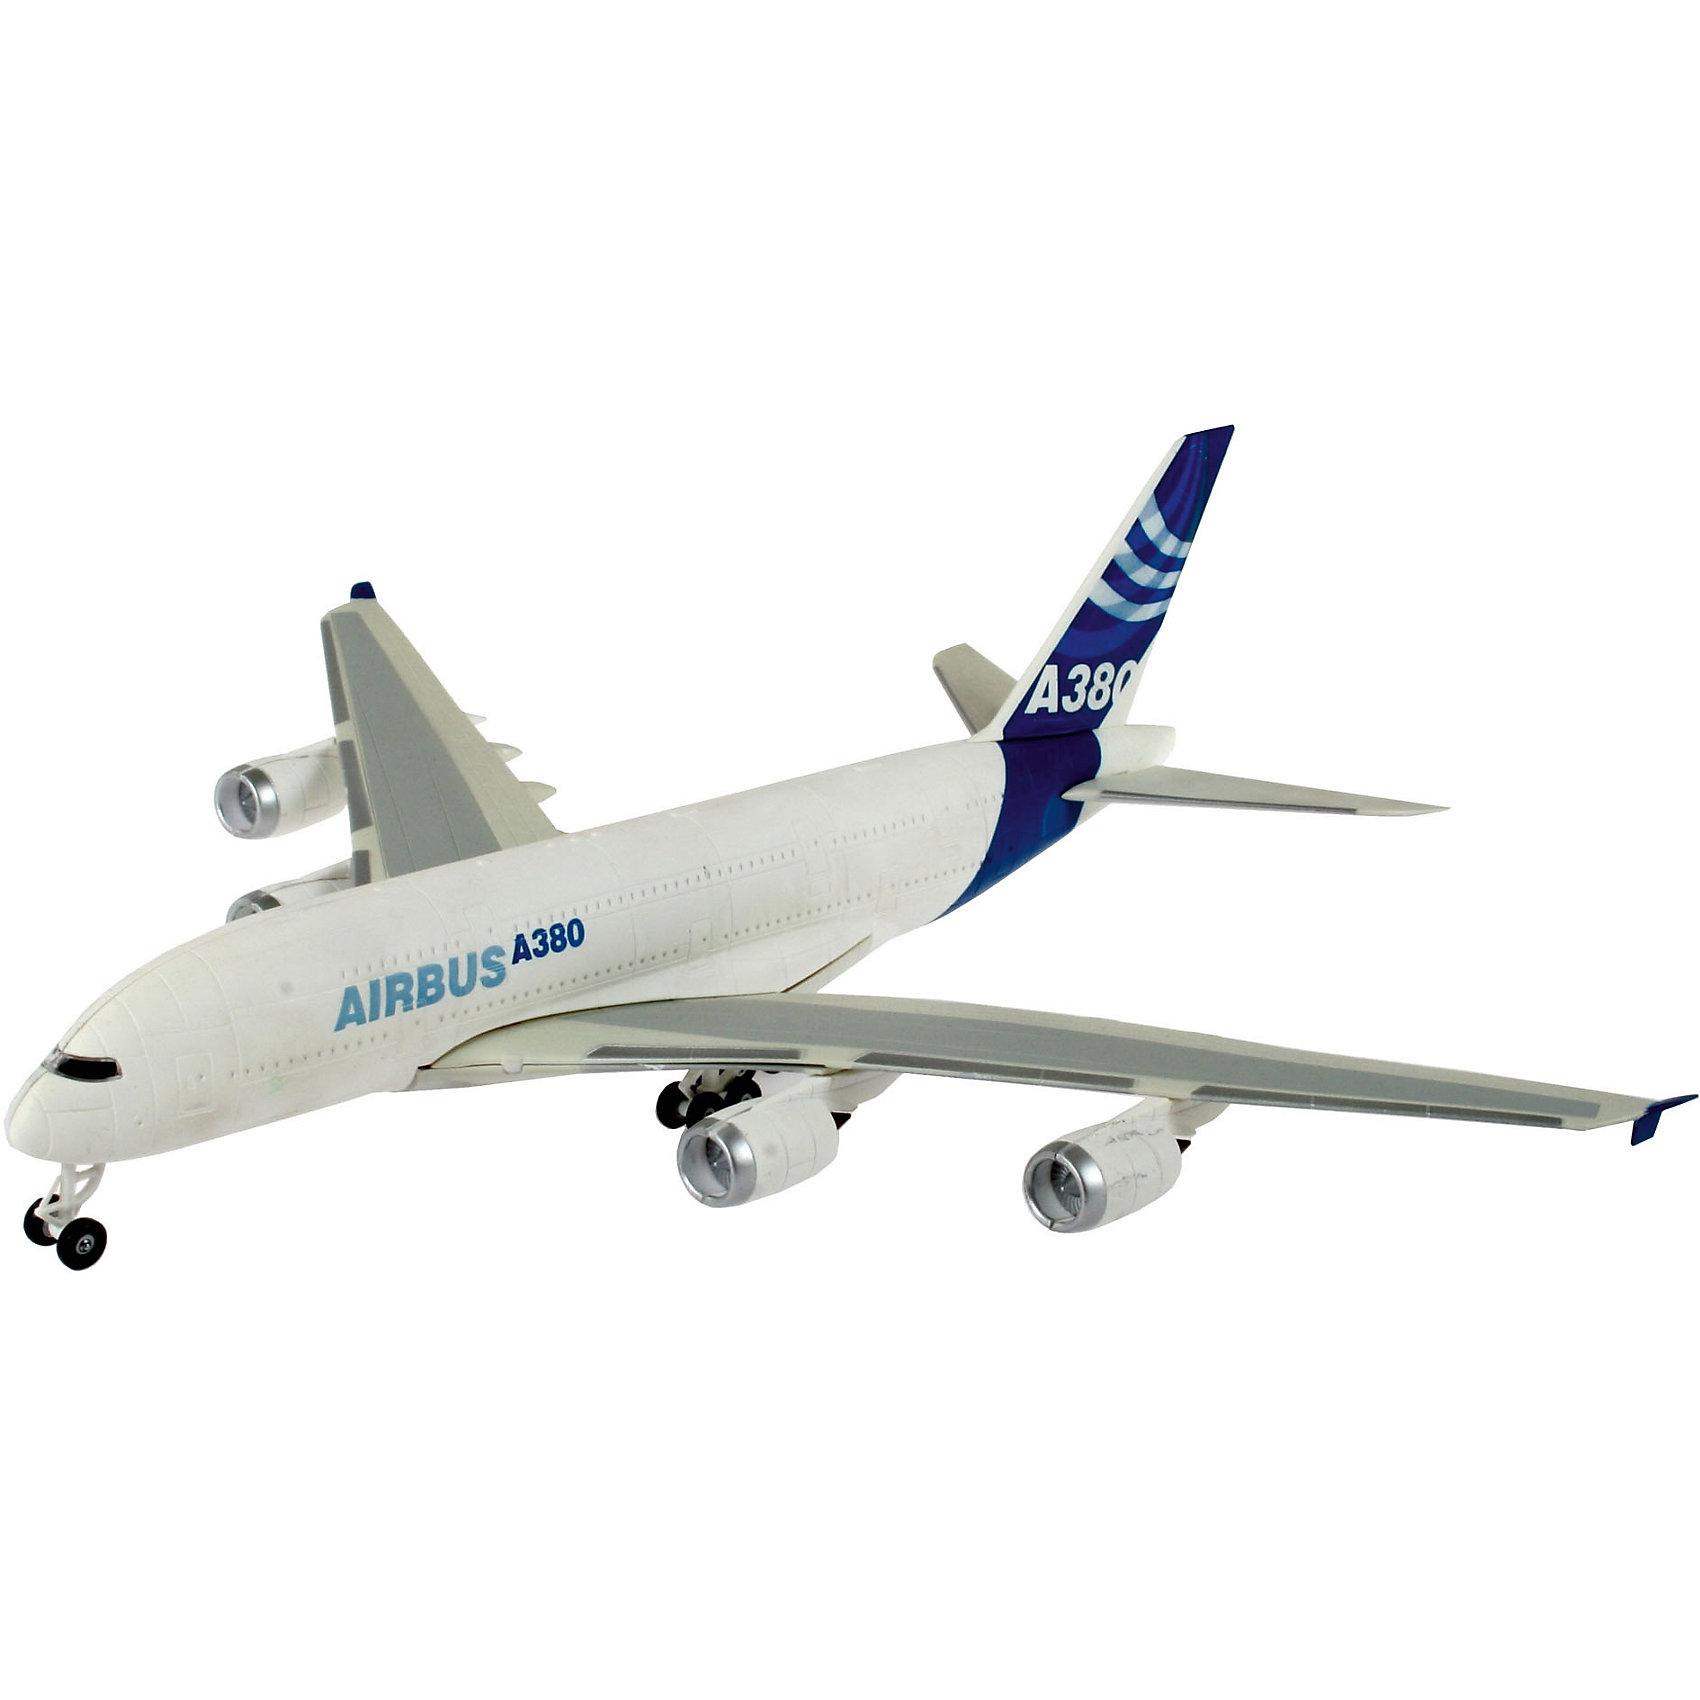 Сборка Пассажирский самолет Airbus A380 ДемонстрационныйМодели для склеивания<br>Модель самолета Airbus A380 Demonstrator является уменьшенной копией одноименного пассажирского самолета, впервые выпущенного  в 2005 году. <br>Масштаб: 1:288 <br>Количество деталей: 47 <br>Длина модели: 252 мм <br>Размах крыльев: 278 мм <br>Подойдет для детей старше 10-и лет. <br>Для сборки этой модели клей и краски вам не потребуются, соединение деталей происходит посредством специальных зажимов!<br><br>Ширина мм: 313<br>Глубина мм: 185<br>Высота мм: 53<br>Вес г: 245<br>Возраст от месяцев: 72<br>Возраст до месяцев: 132<br>Пол: Мужской<br>Возраст: Детский<br>SKU: 1871985